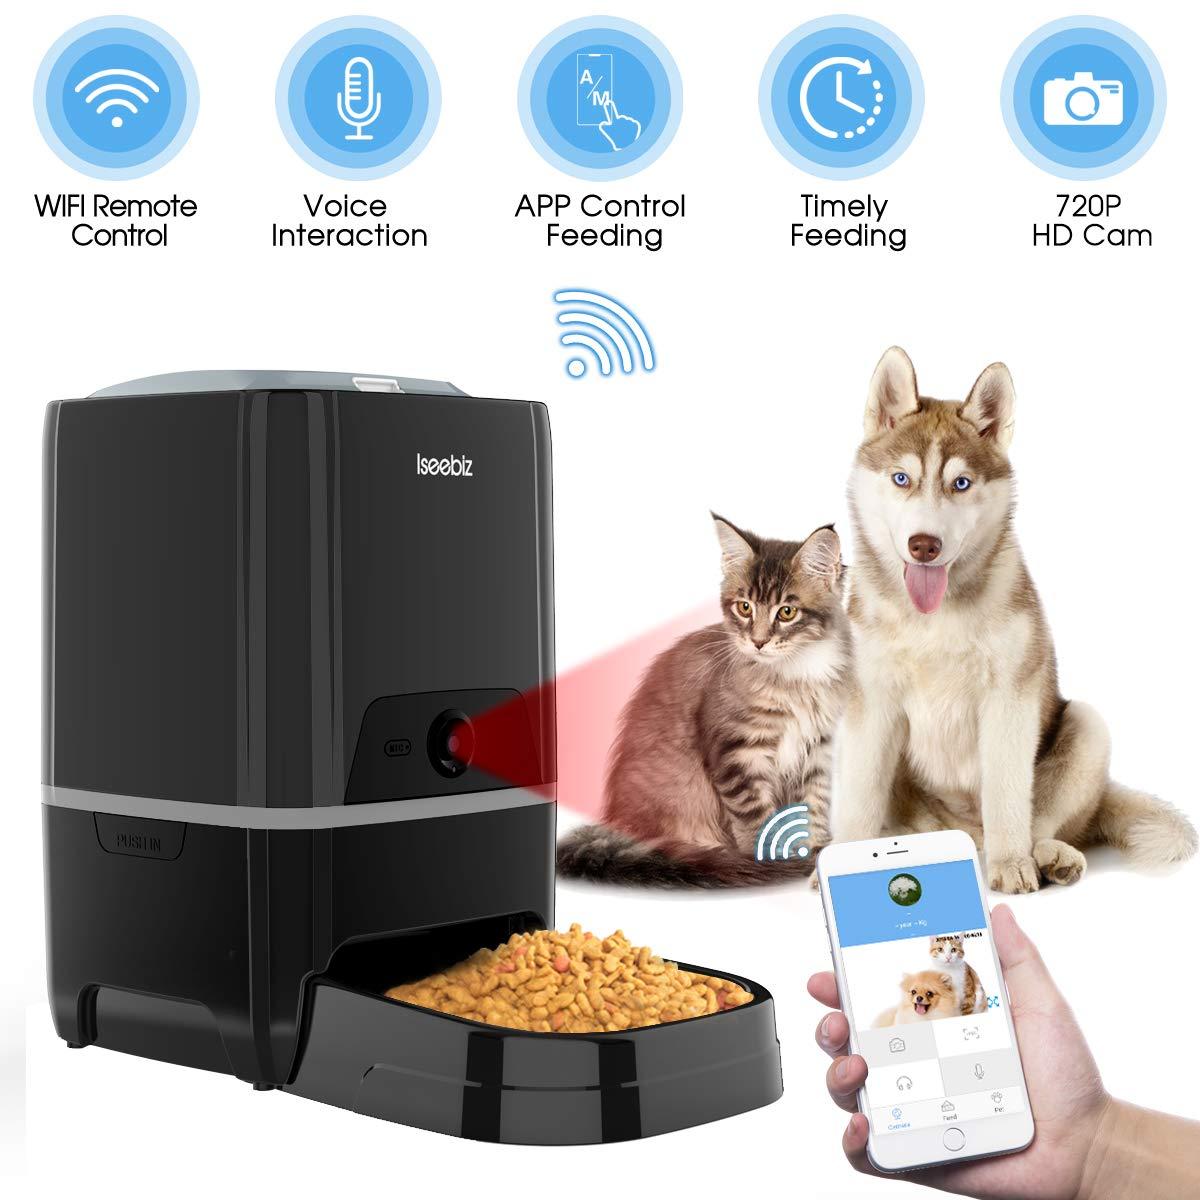 Iseebiz Comedero Automatico Perro de 6L con Cámara Comederos Automaticos Gatos WiFi/Controla por App /6 Dosis de Comida por Día: Amazon.es: Productos para mascotas